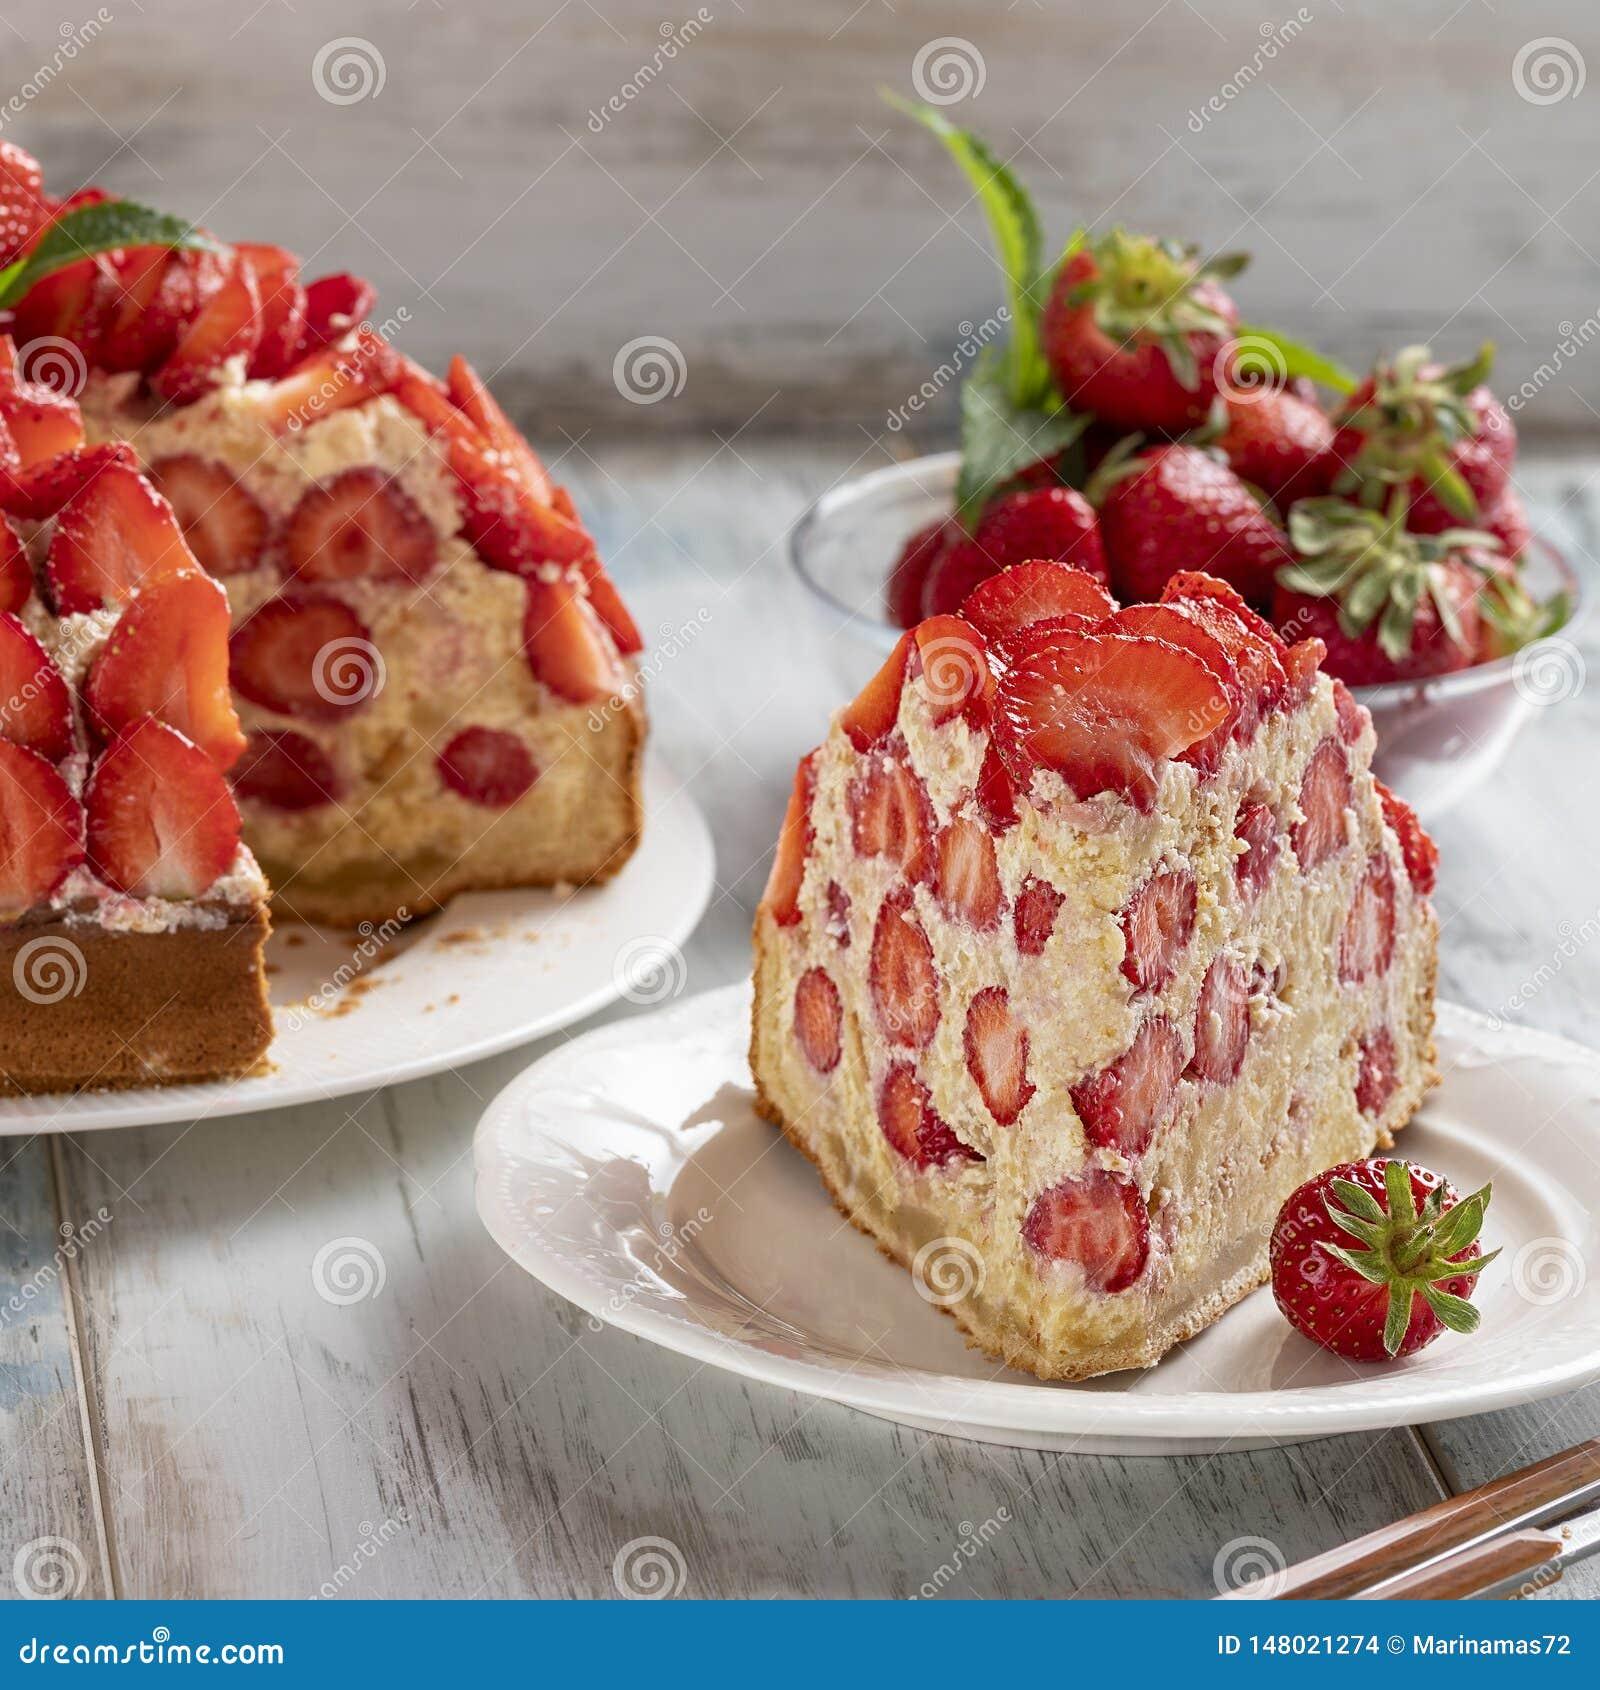 Scheibe des Erdbeerkuchens mit Vanillecreme verzierte mit frischen Erdbeeren und Minze